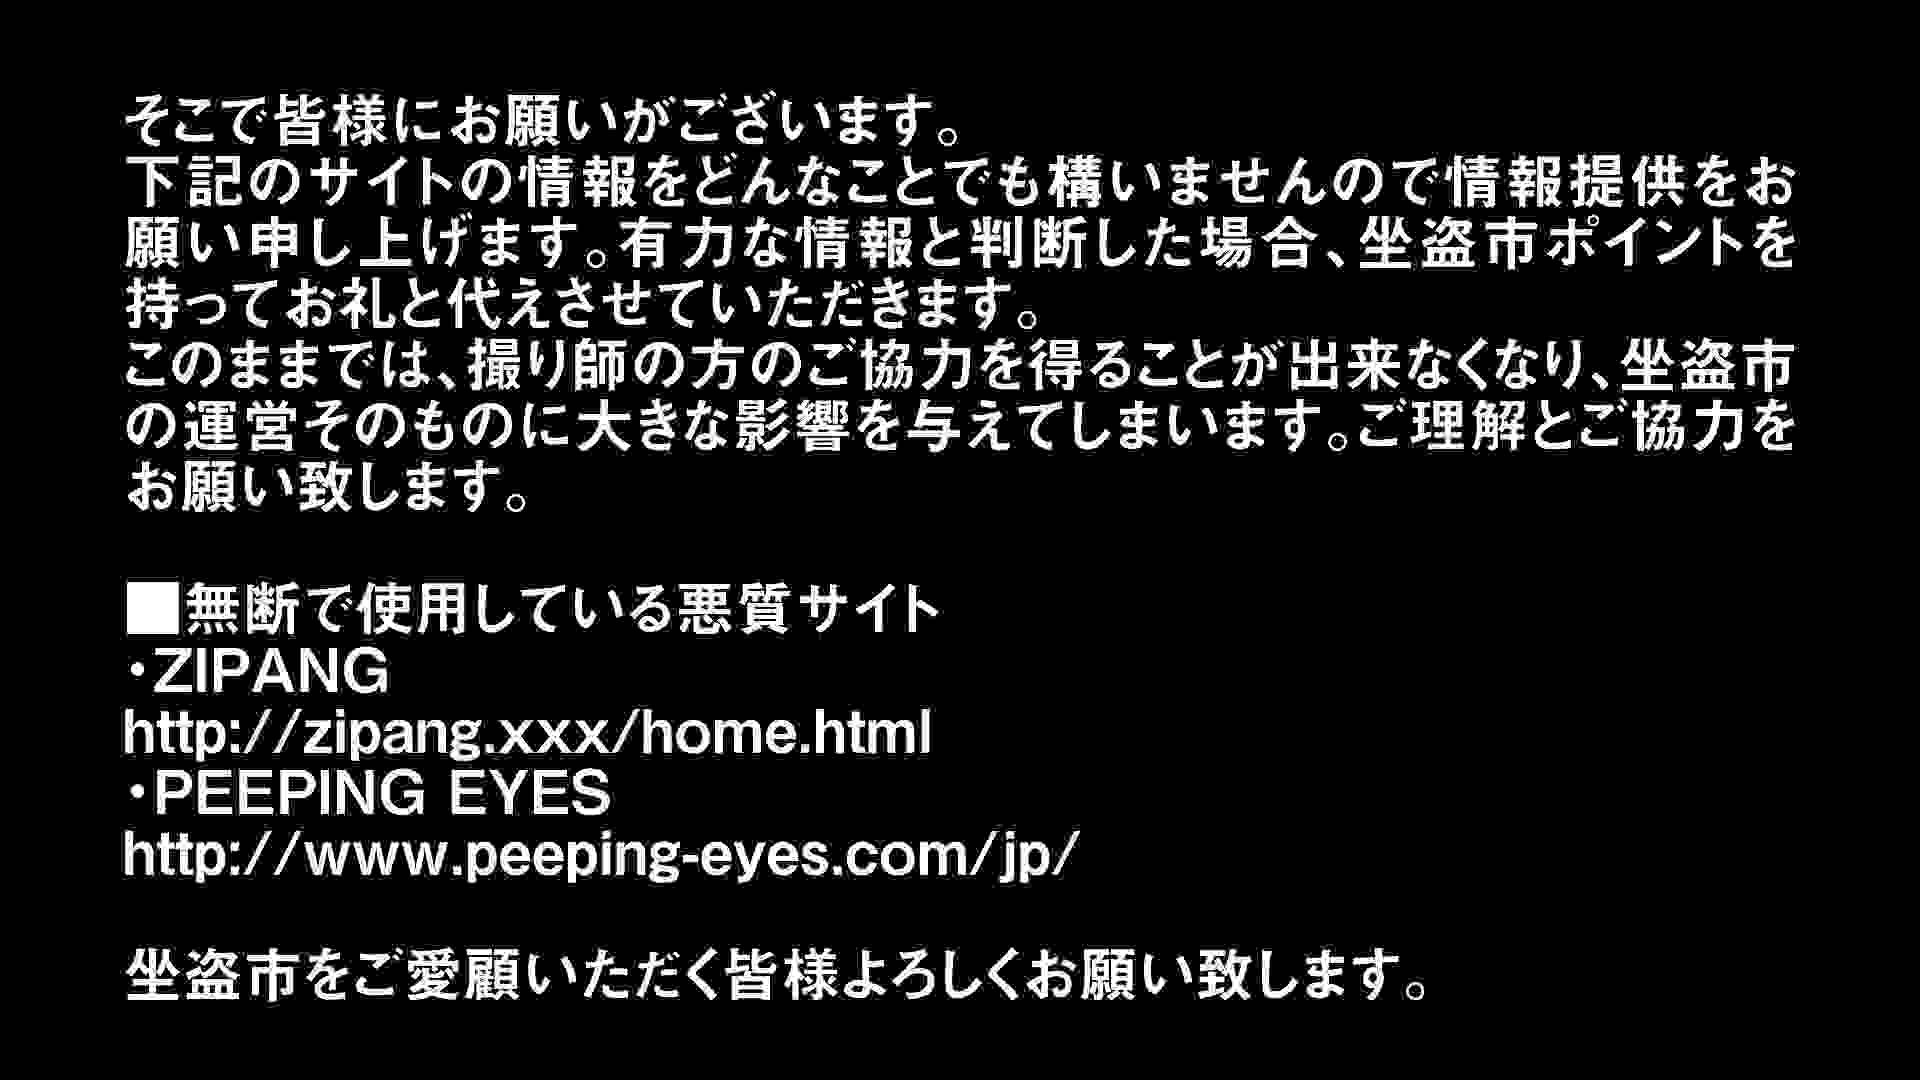 Aquaな露天風呂Vol.296 盗撮シリーズ  102PIX 44